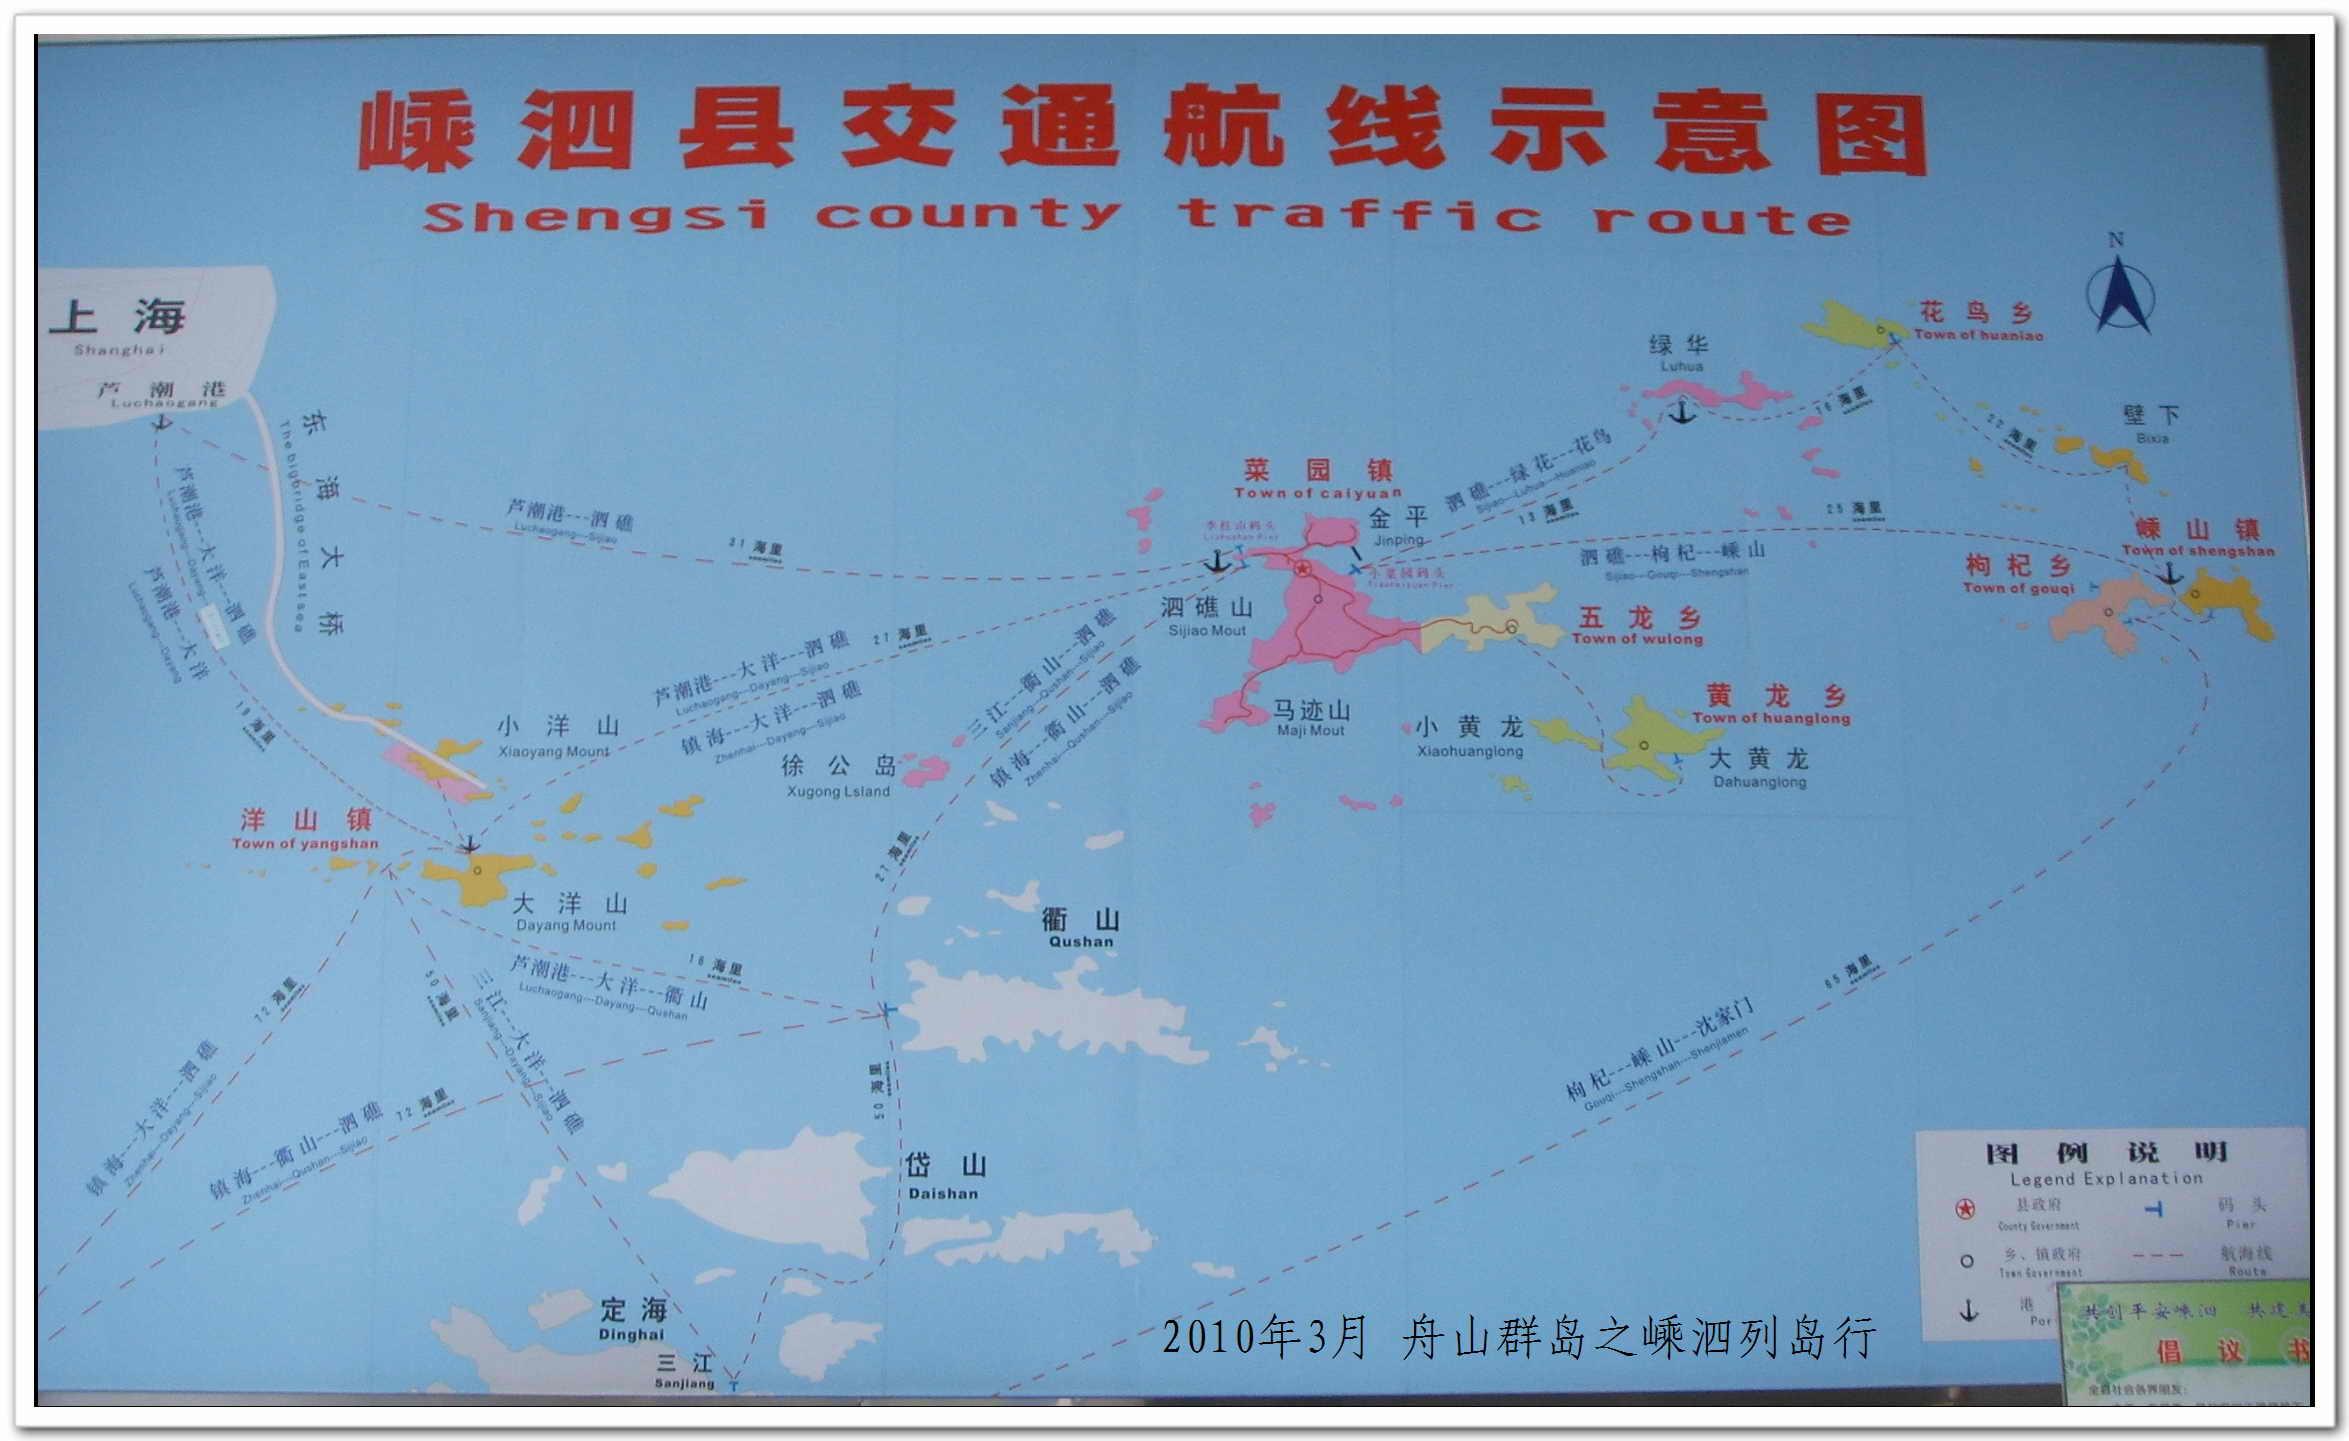 舟山群岛地图高清版